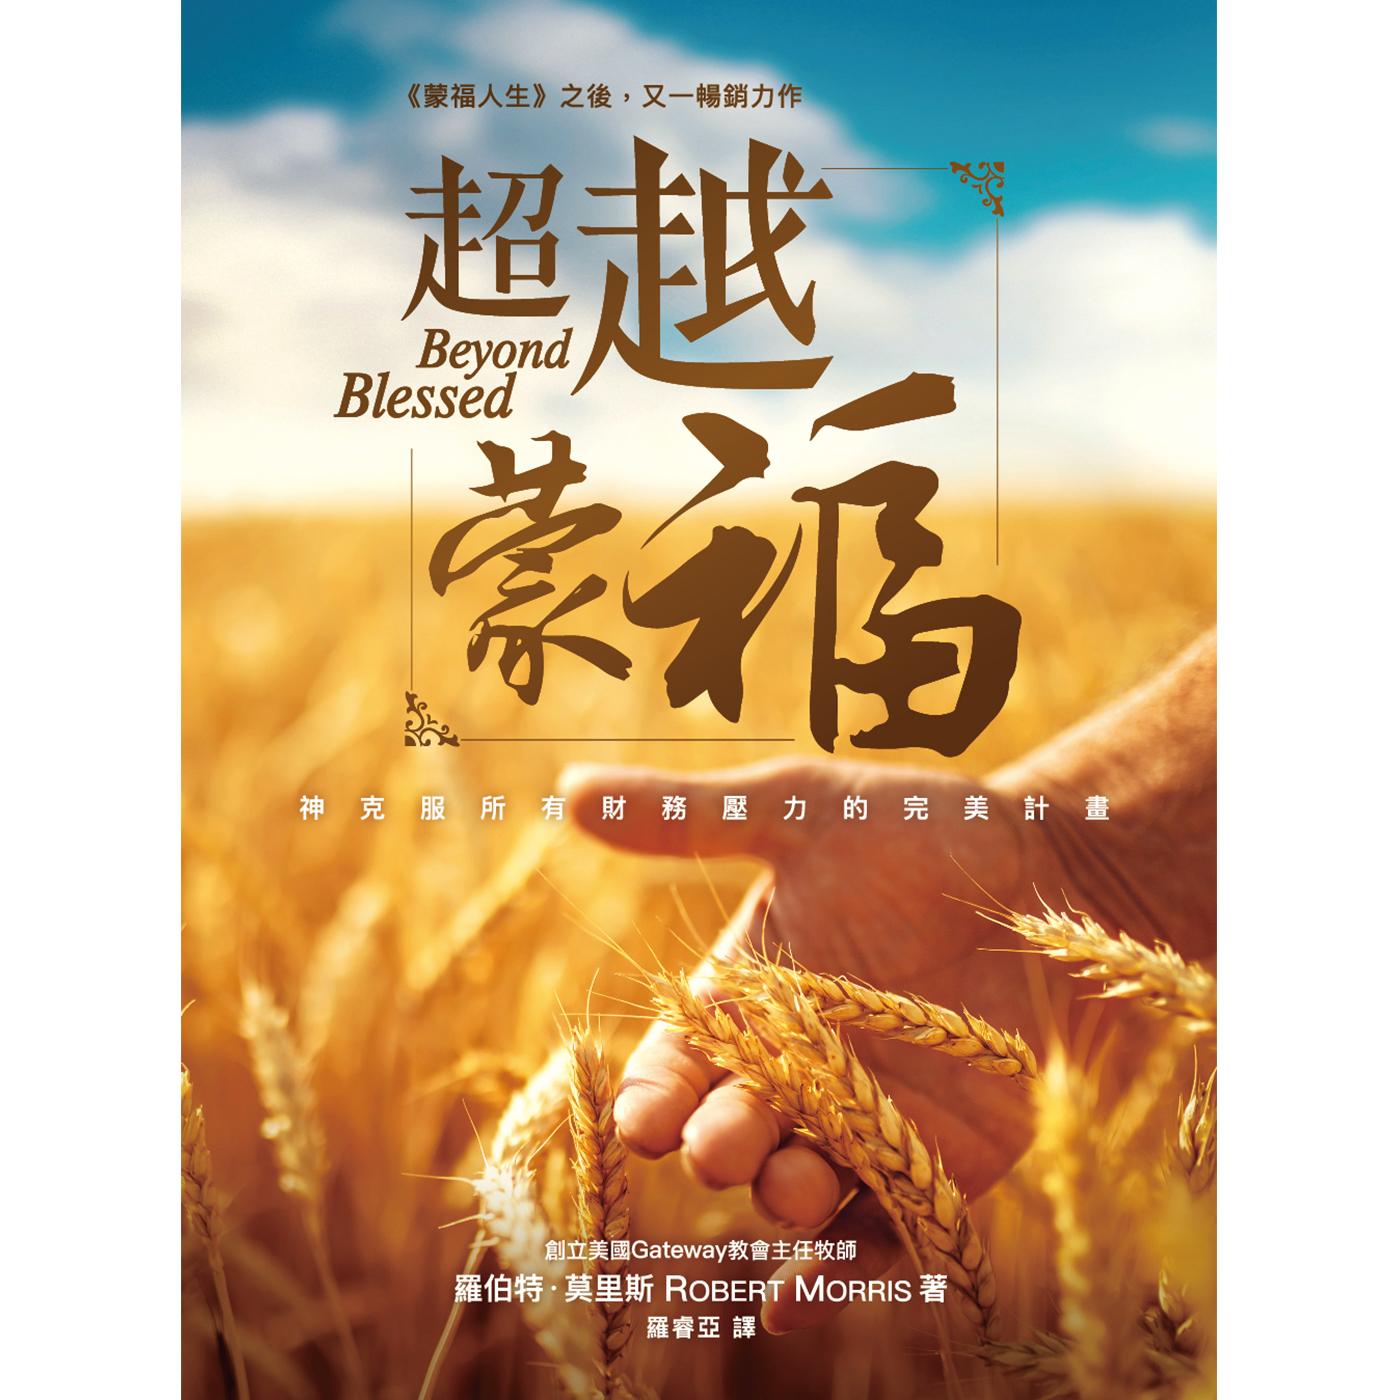 (試聽版)第七章:喜樂的心,幸福的家-《超越蒙福》feat.周巽光